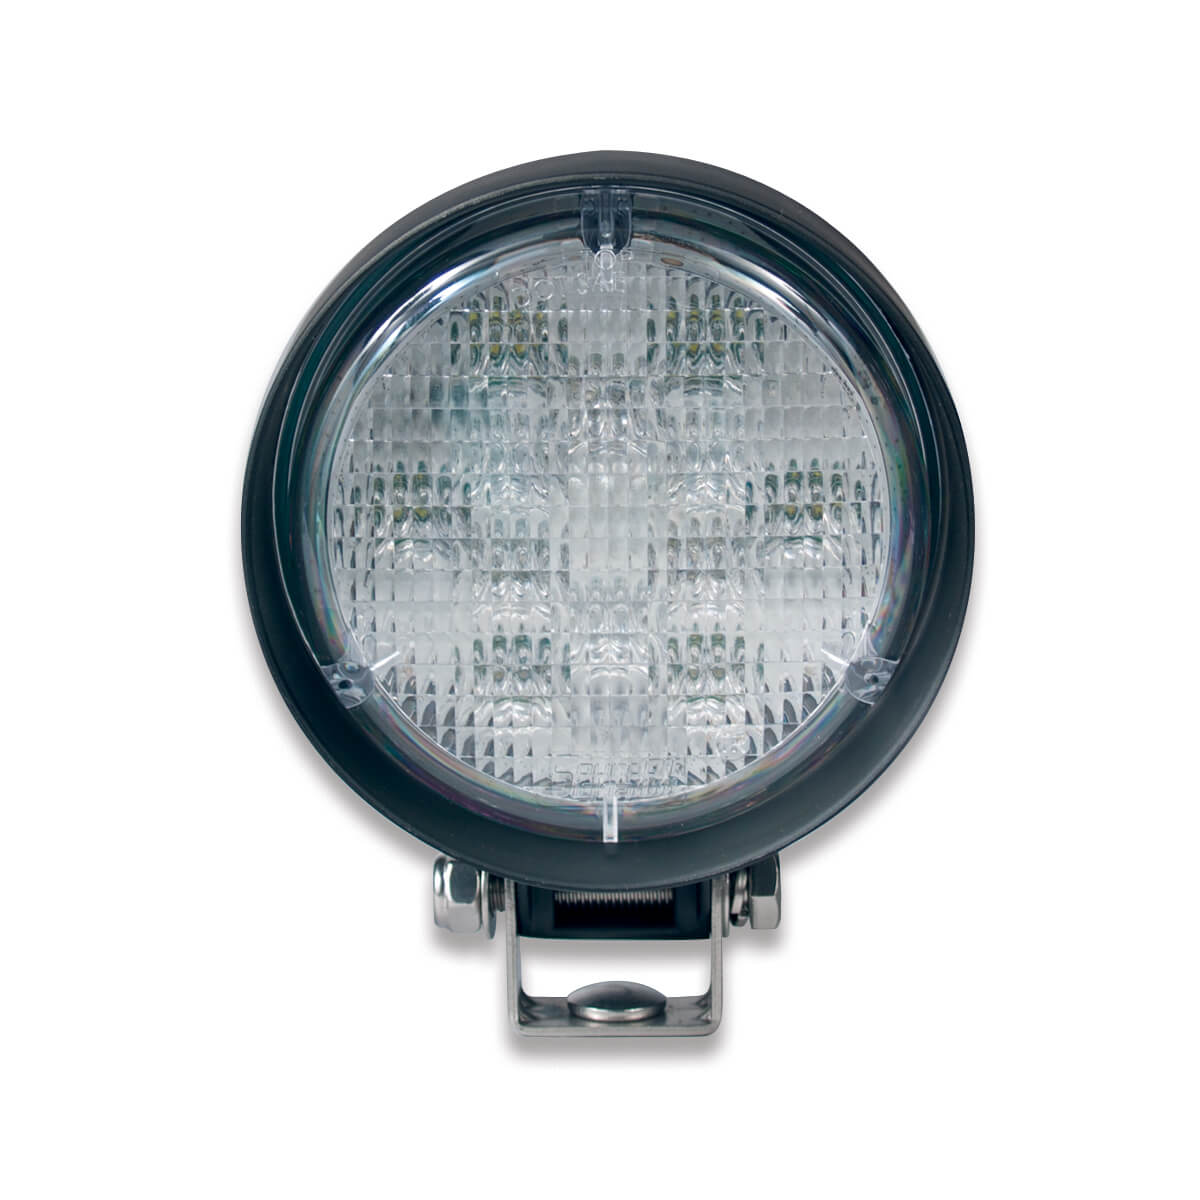 PAR 36 Work Lights Product Image